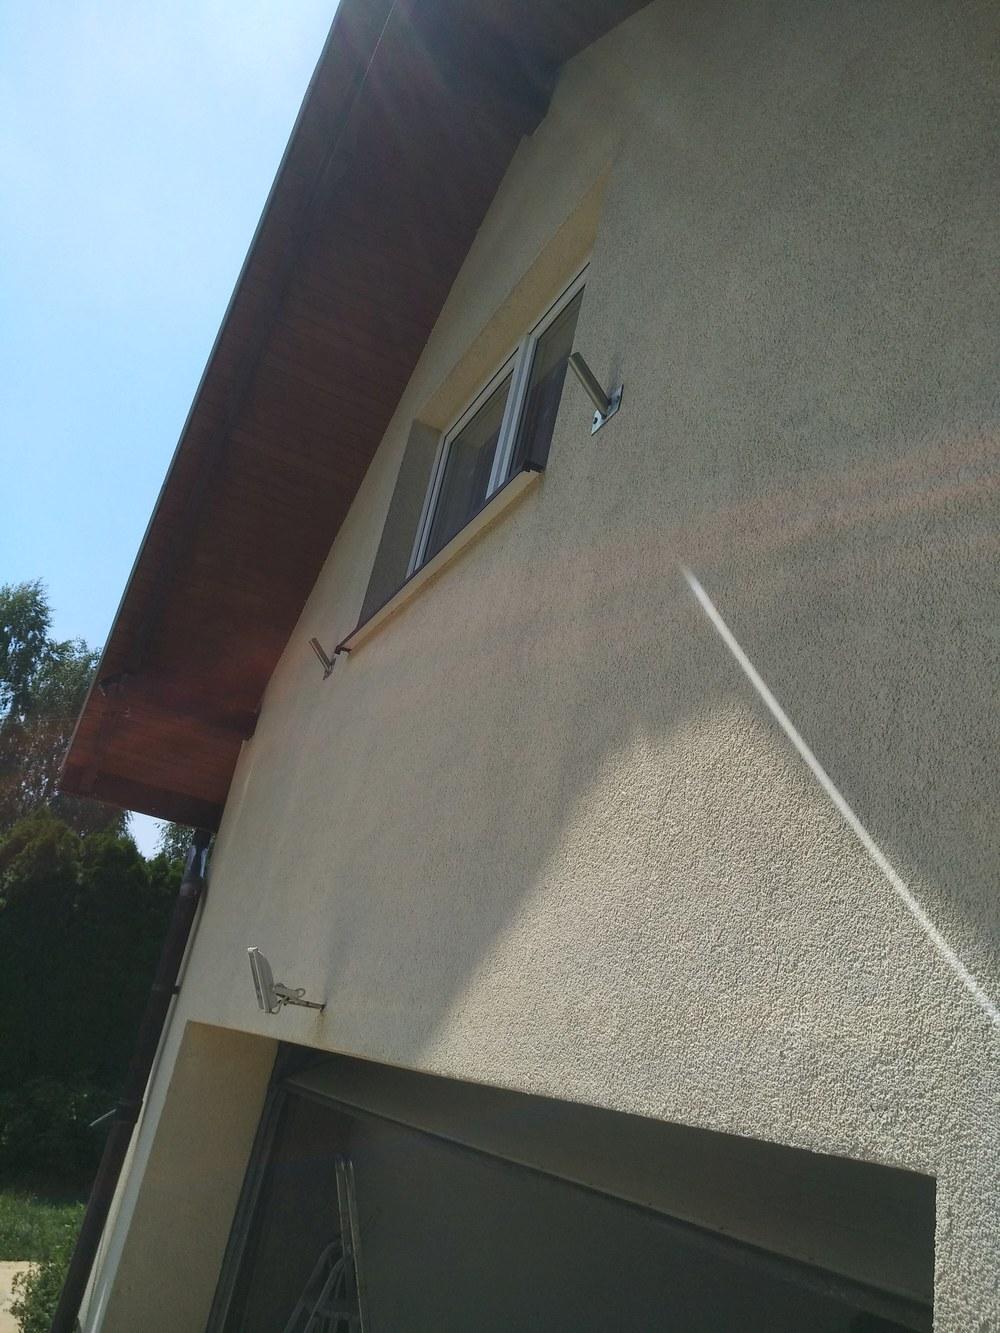 mycie elewacji budynku - efekt po